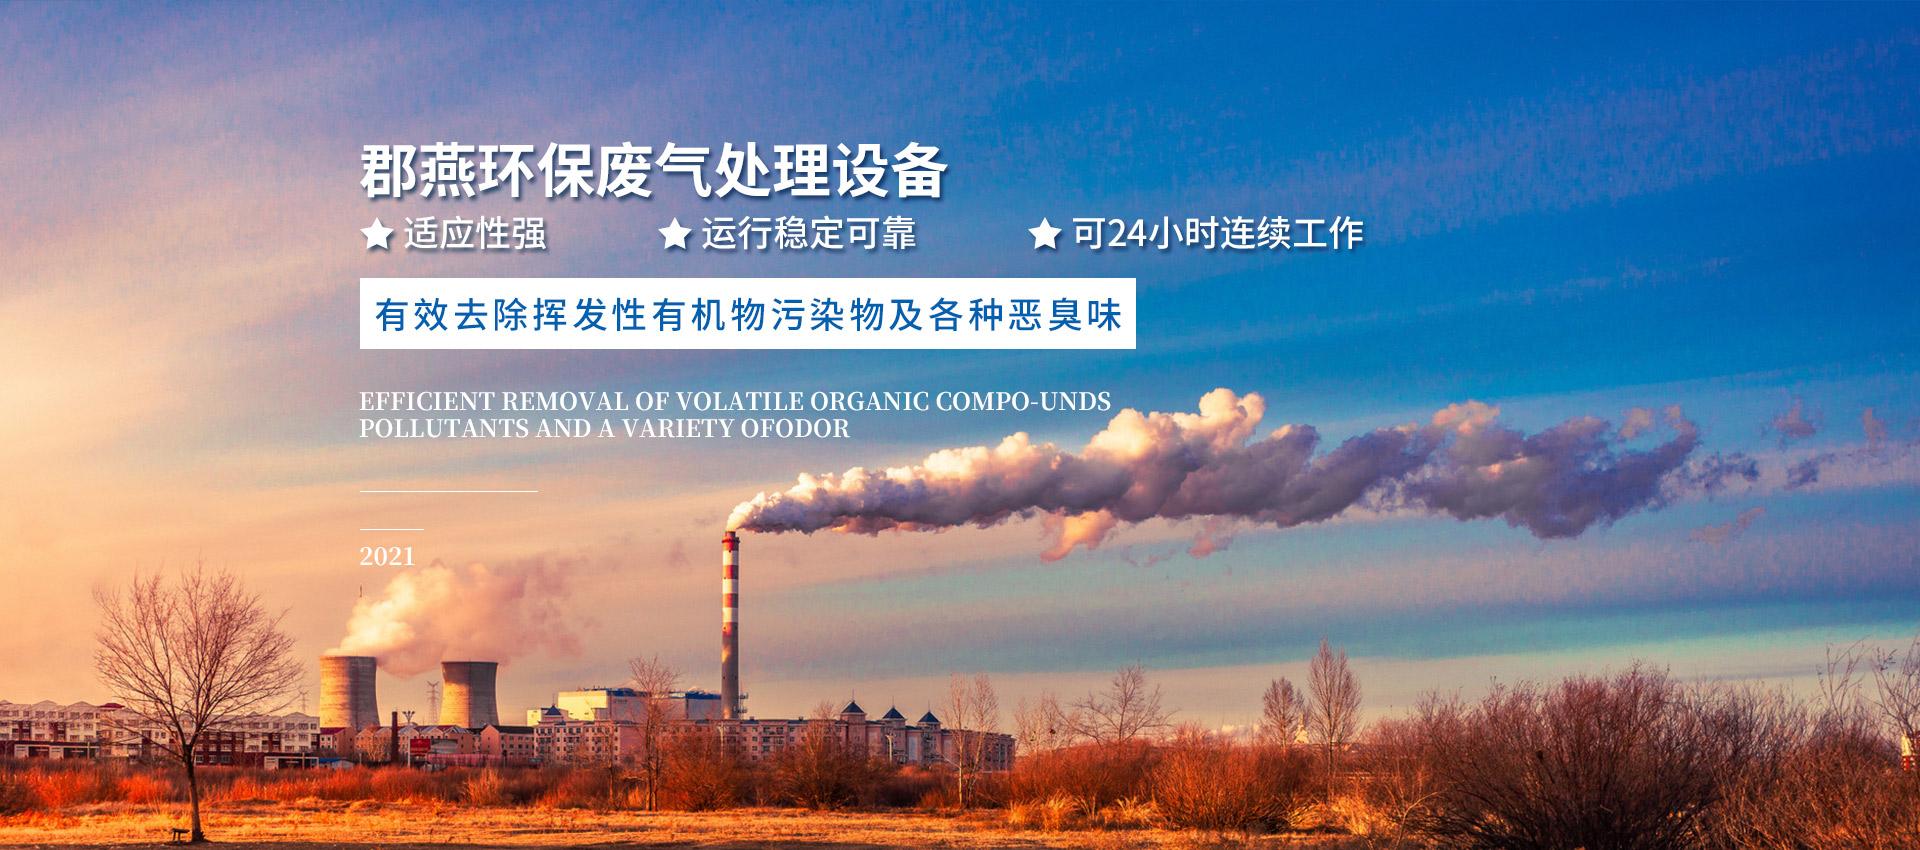 重庆水处理公司